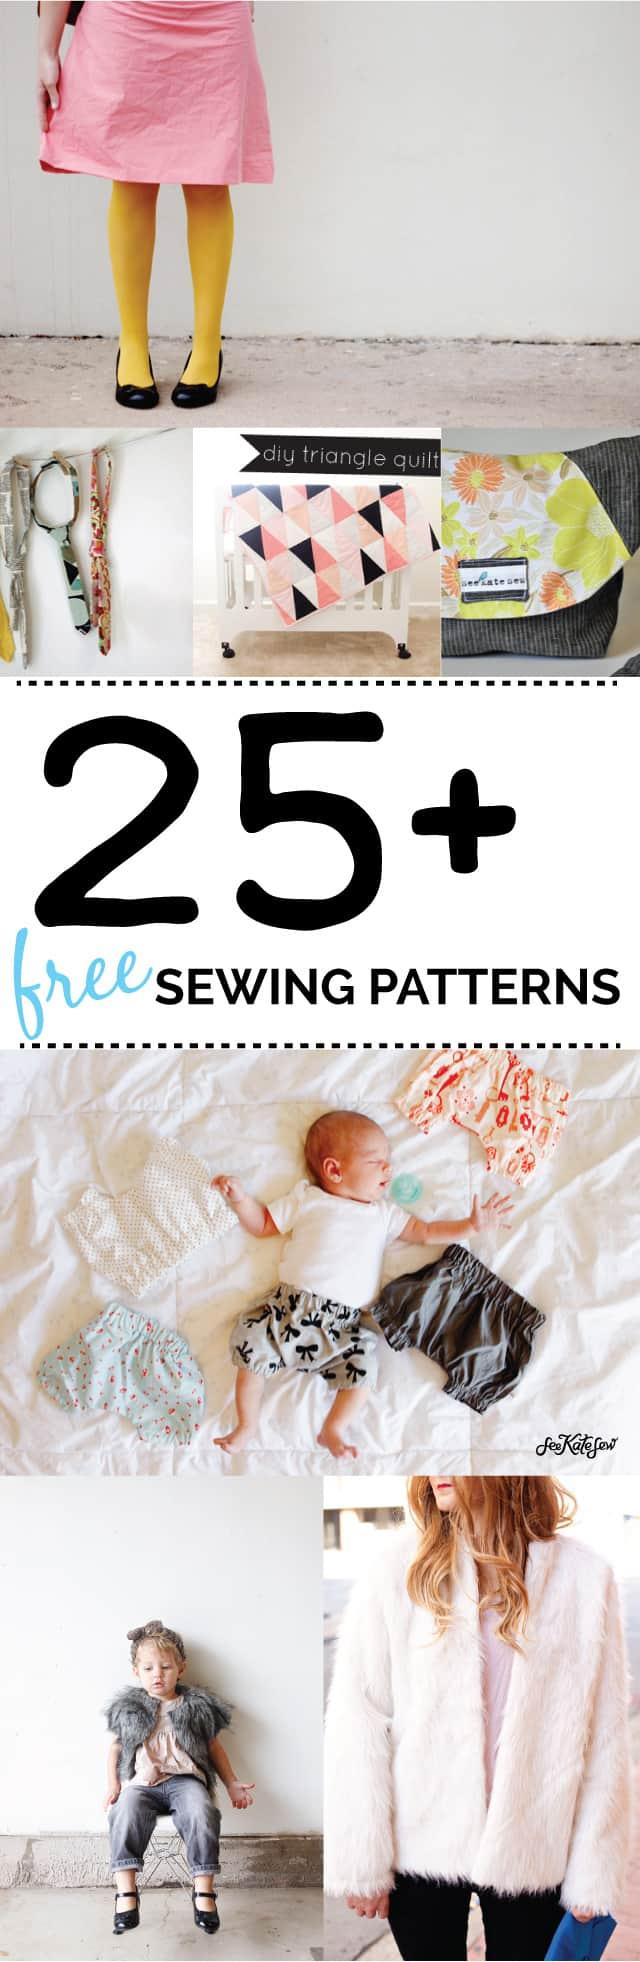 25 FREE SEWING PATTERNS!